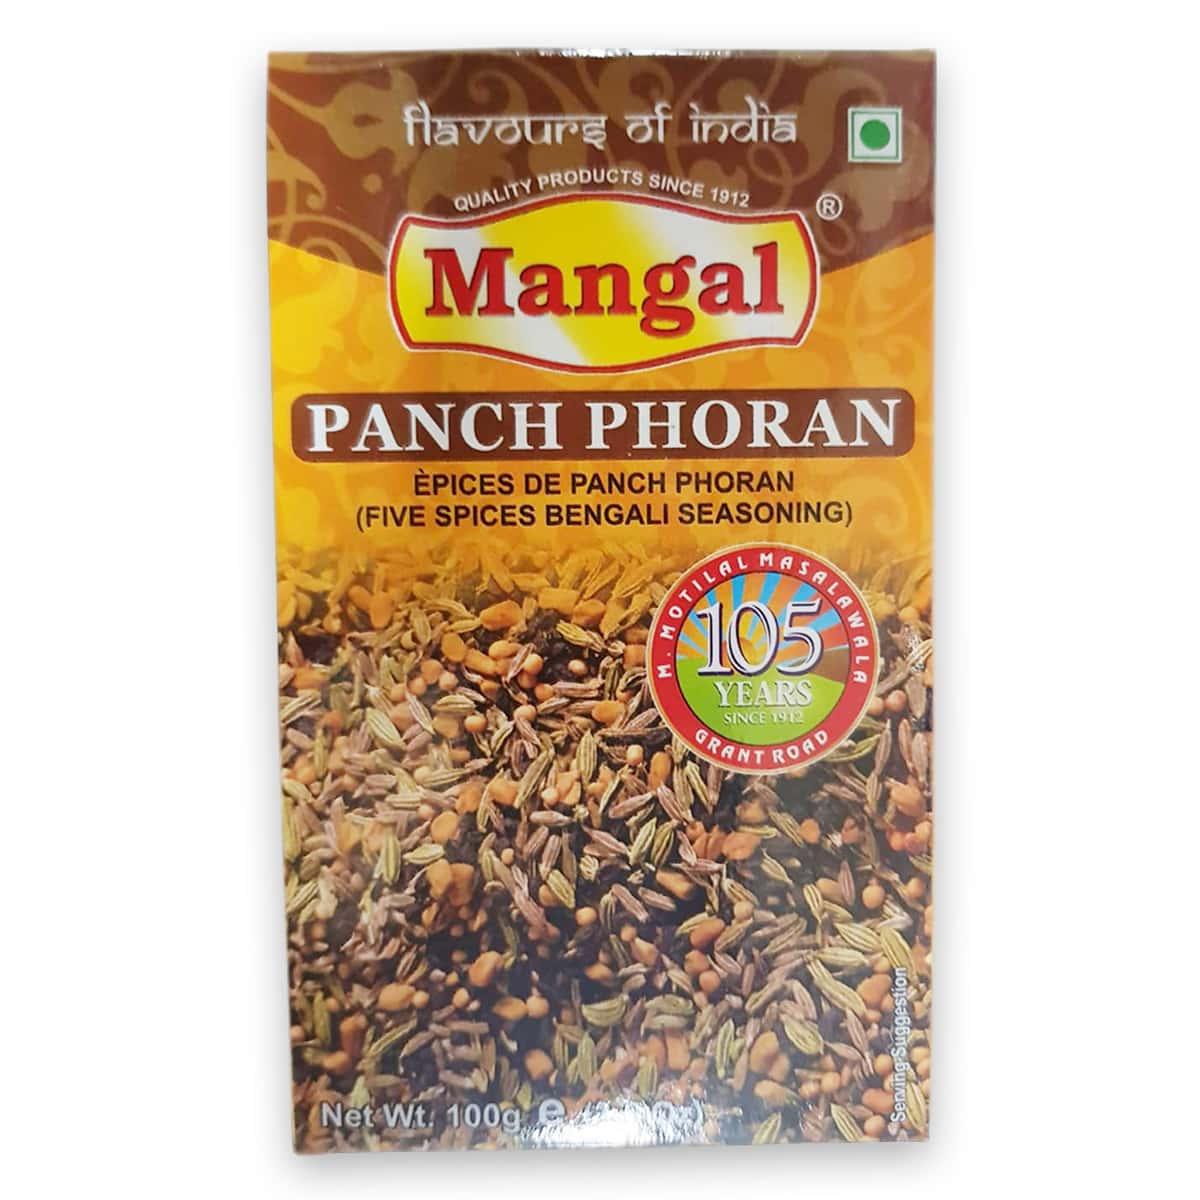 Buy Mangal Panch Poran Masala - 100 gm